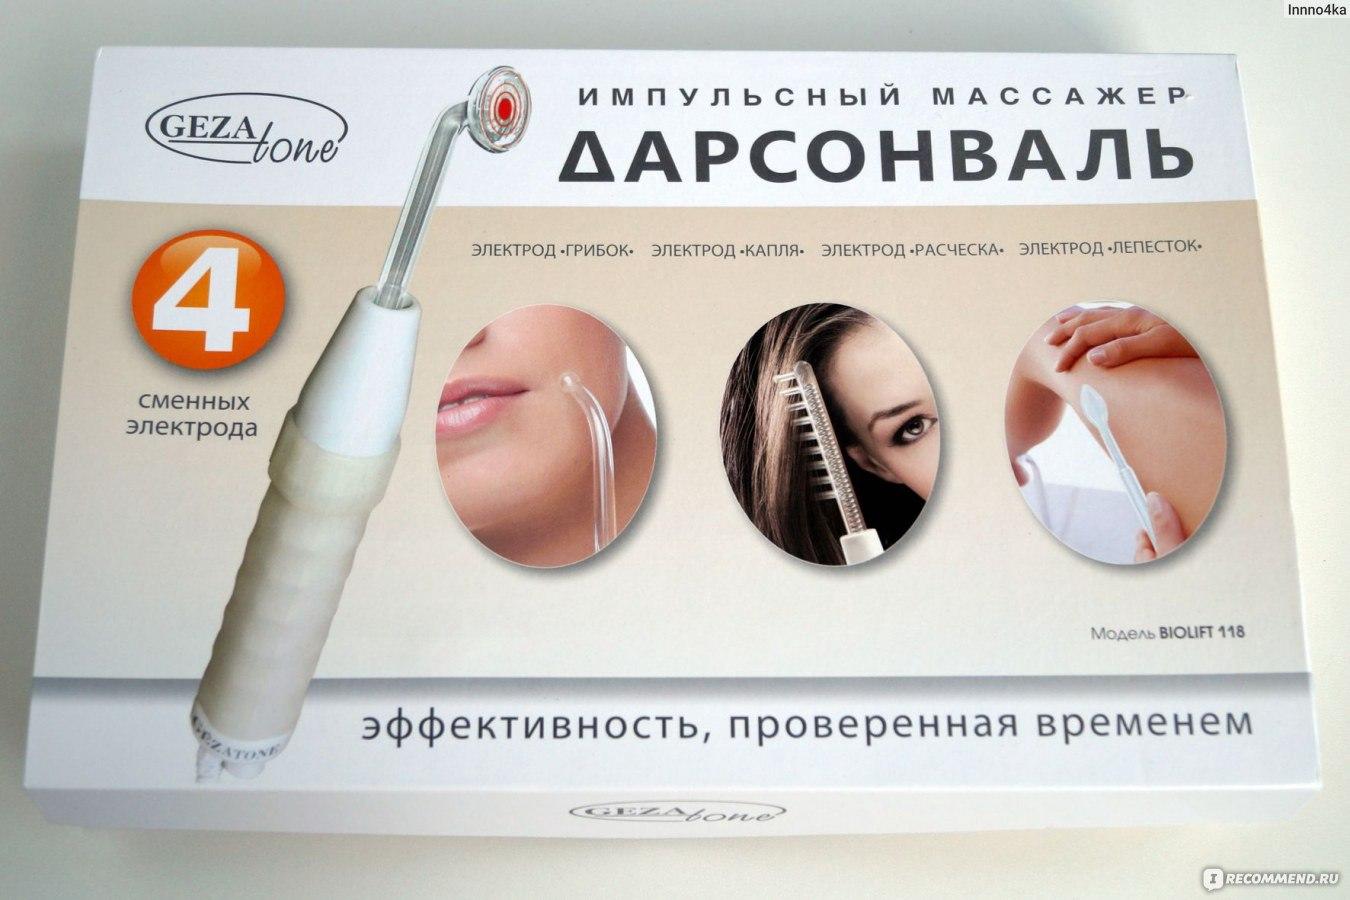 Дарсонваль для кожи лица – описание, обучение работе с массажером